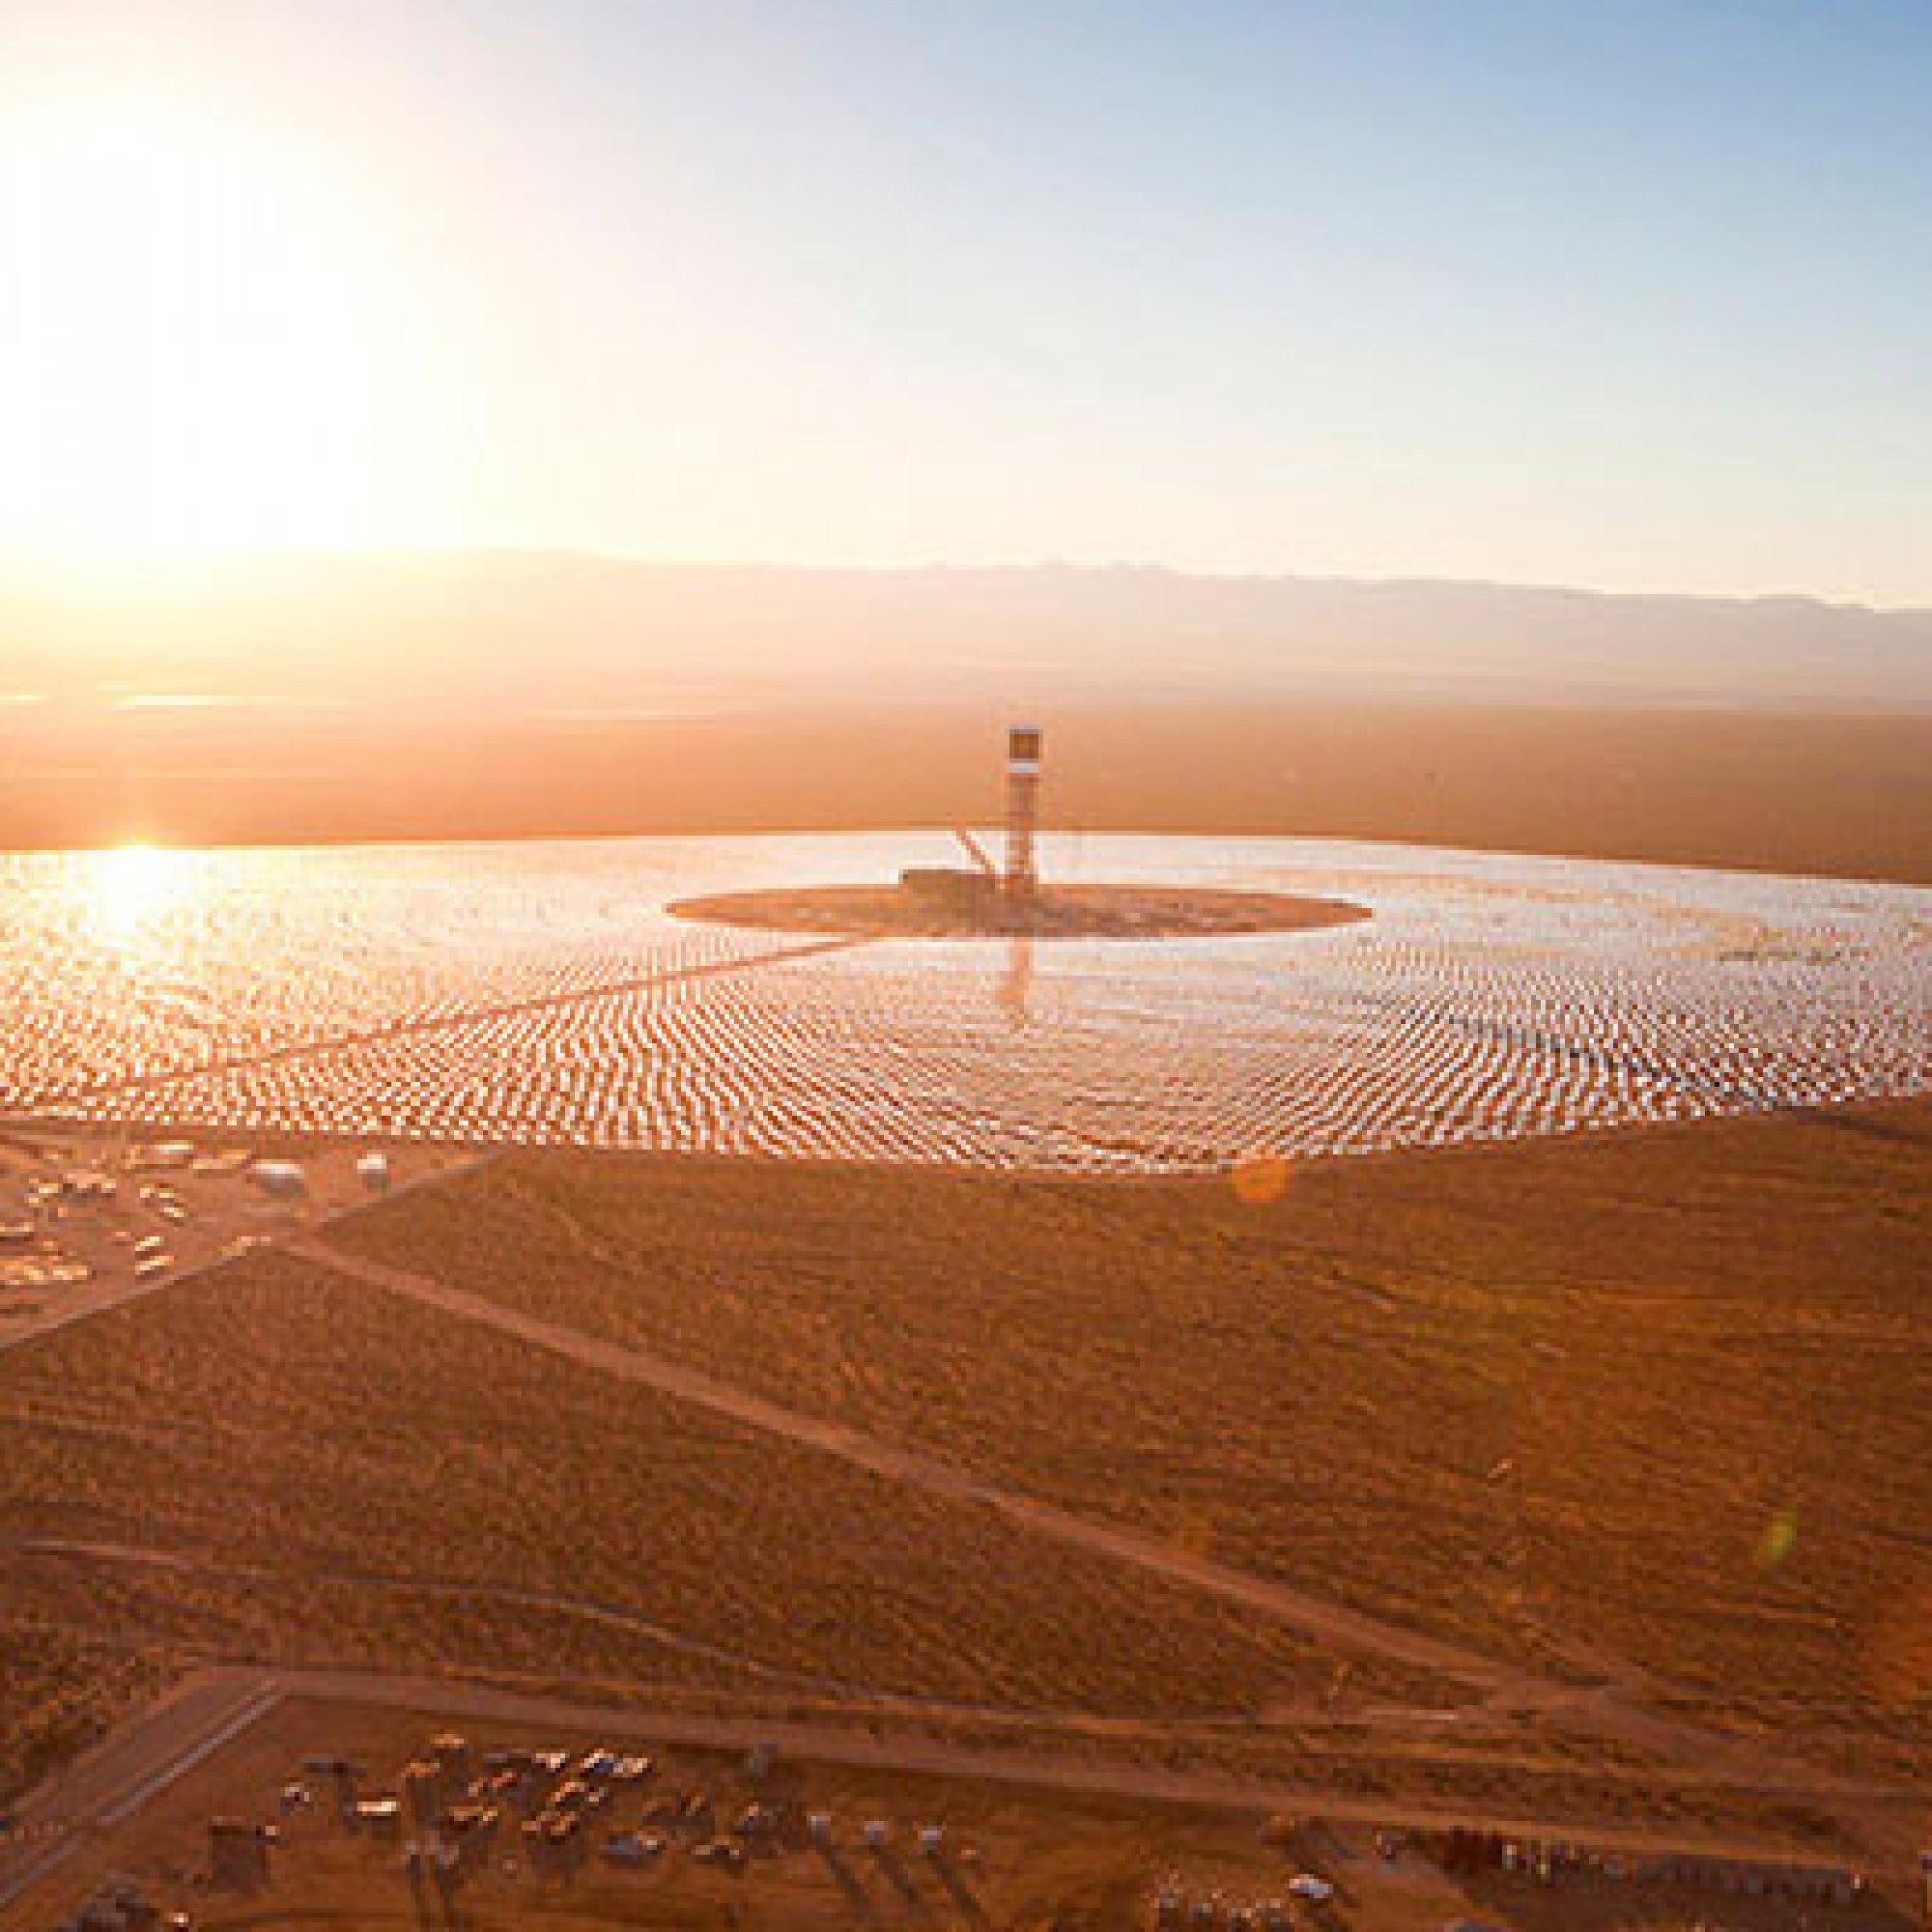 Für Vögel wirken die Heliostaten der Solarfarm Ivanpah wie ein See. Ein gefährlicher Irrtum. (Bild: zvg)